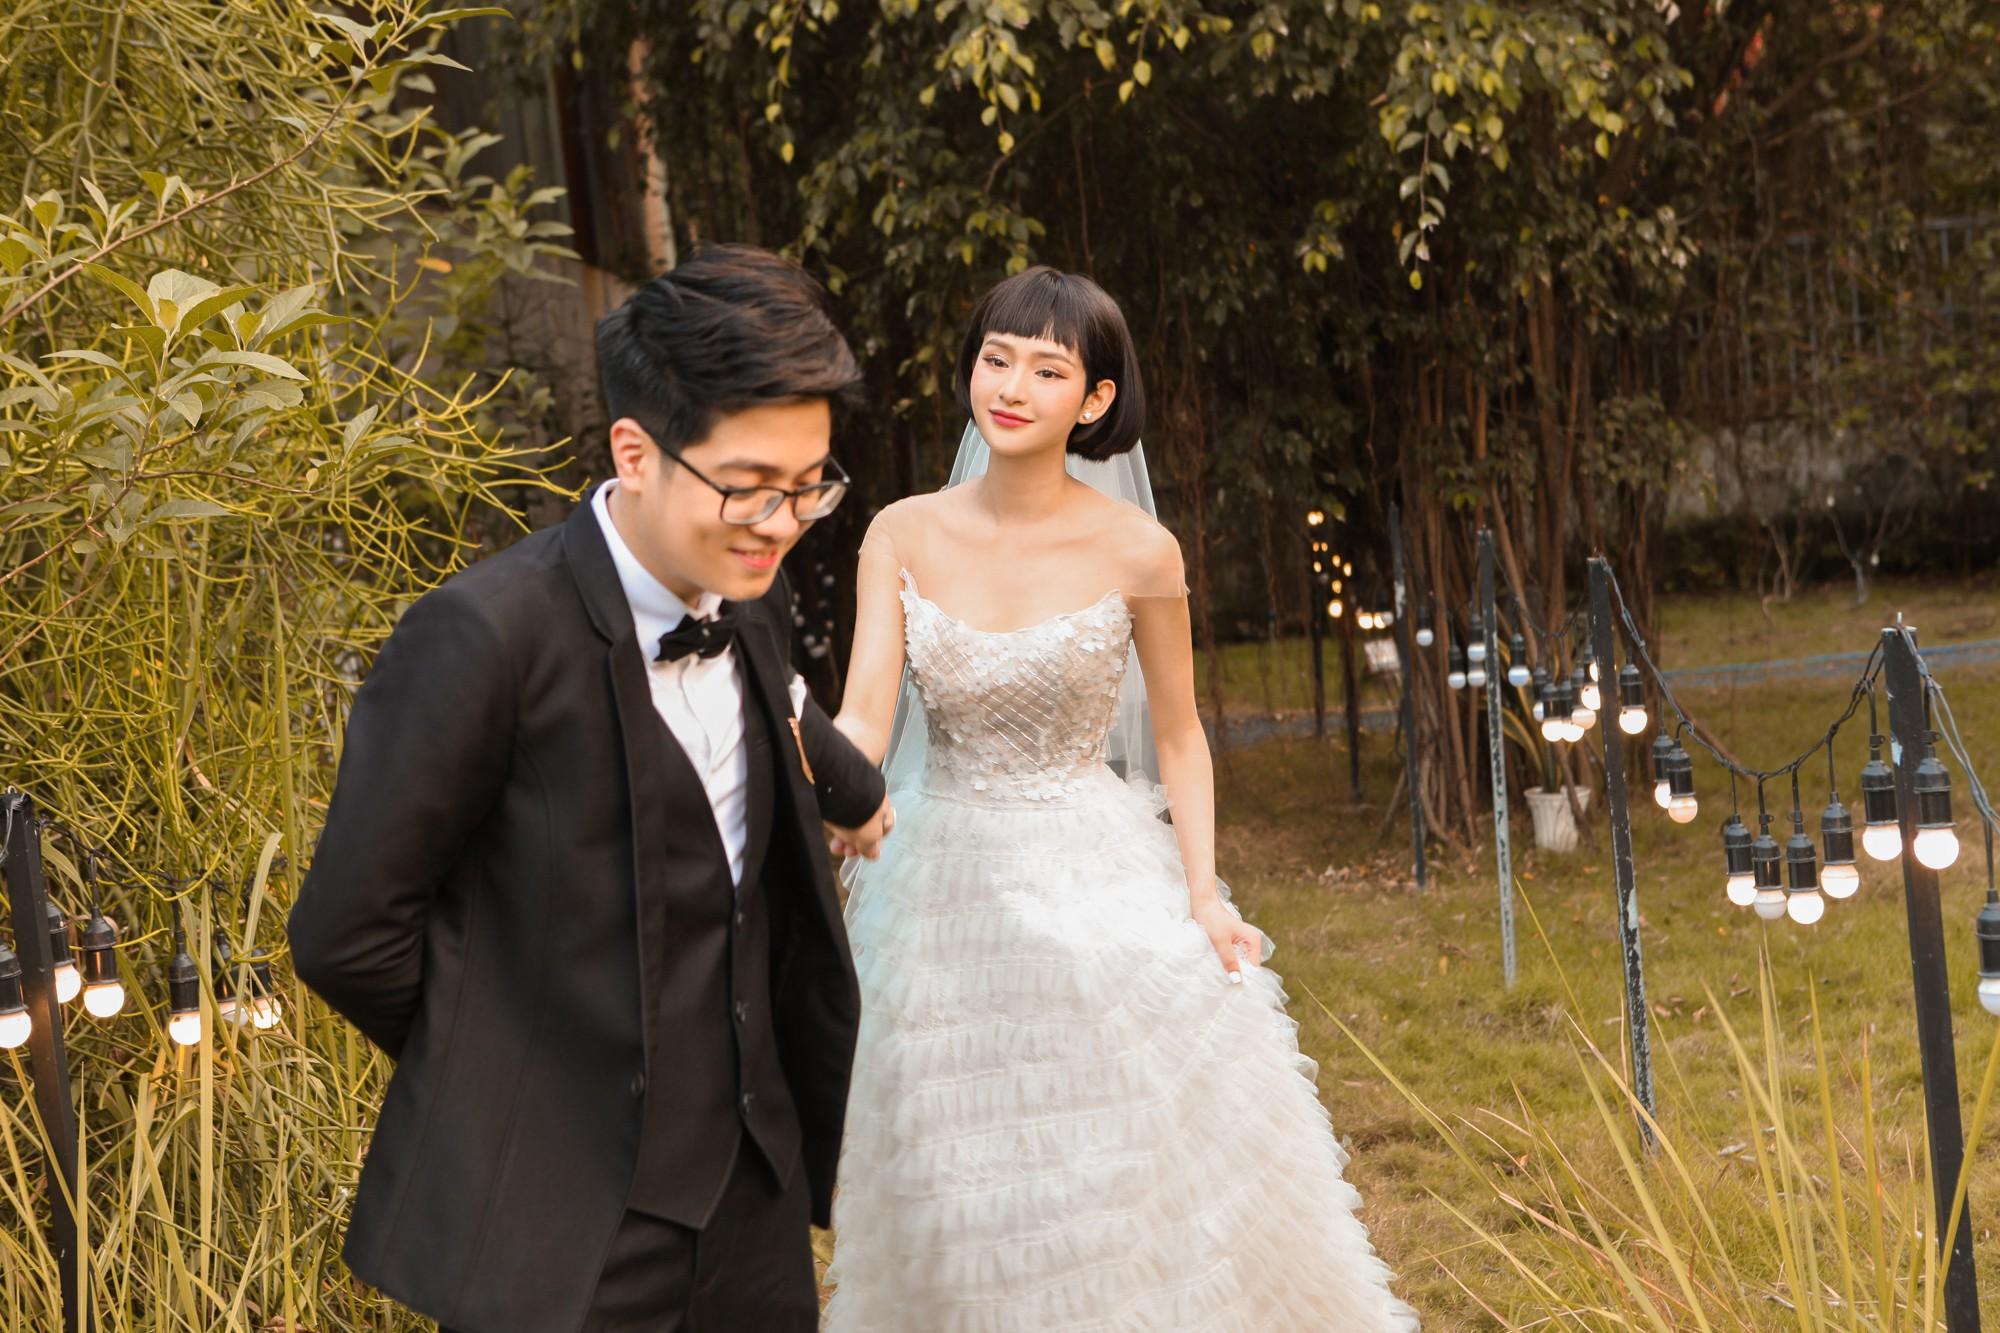 """Bùi Anh Tuấn và Hiền Hồ âm thầm tổ chức """"đám cưới"""", hé lộ những hình ảnh  tuyệt đẹp trong hôn lễ"""